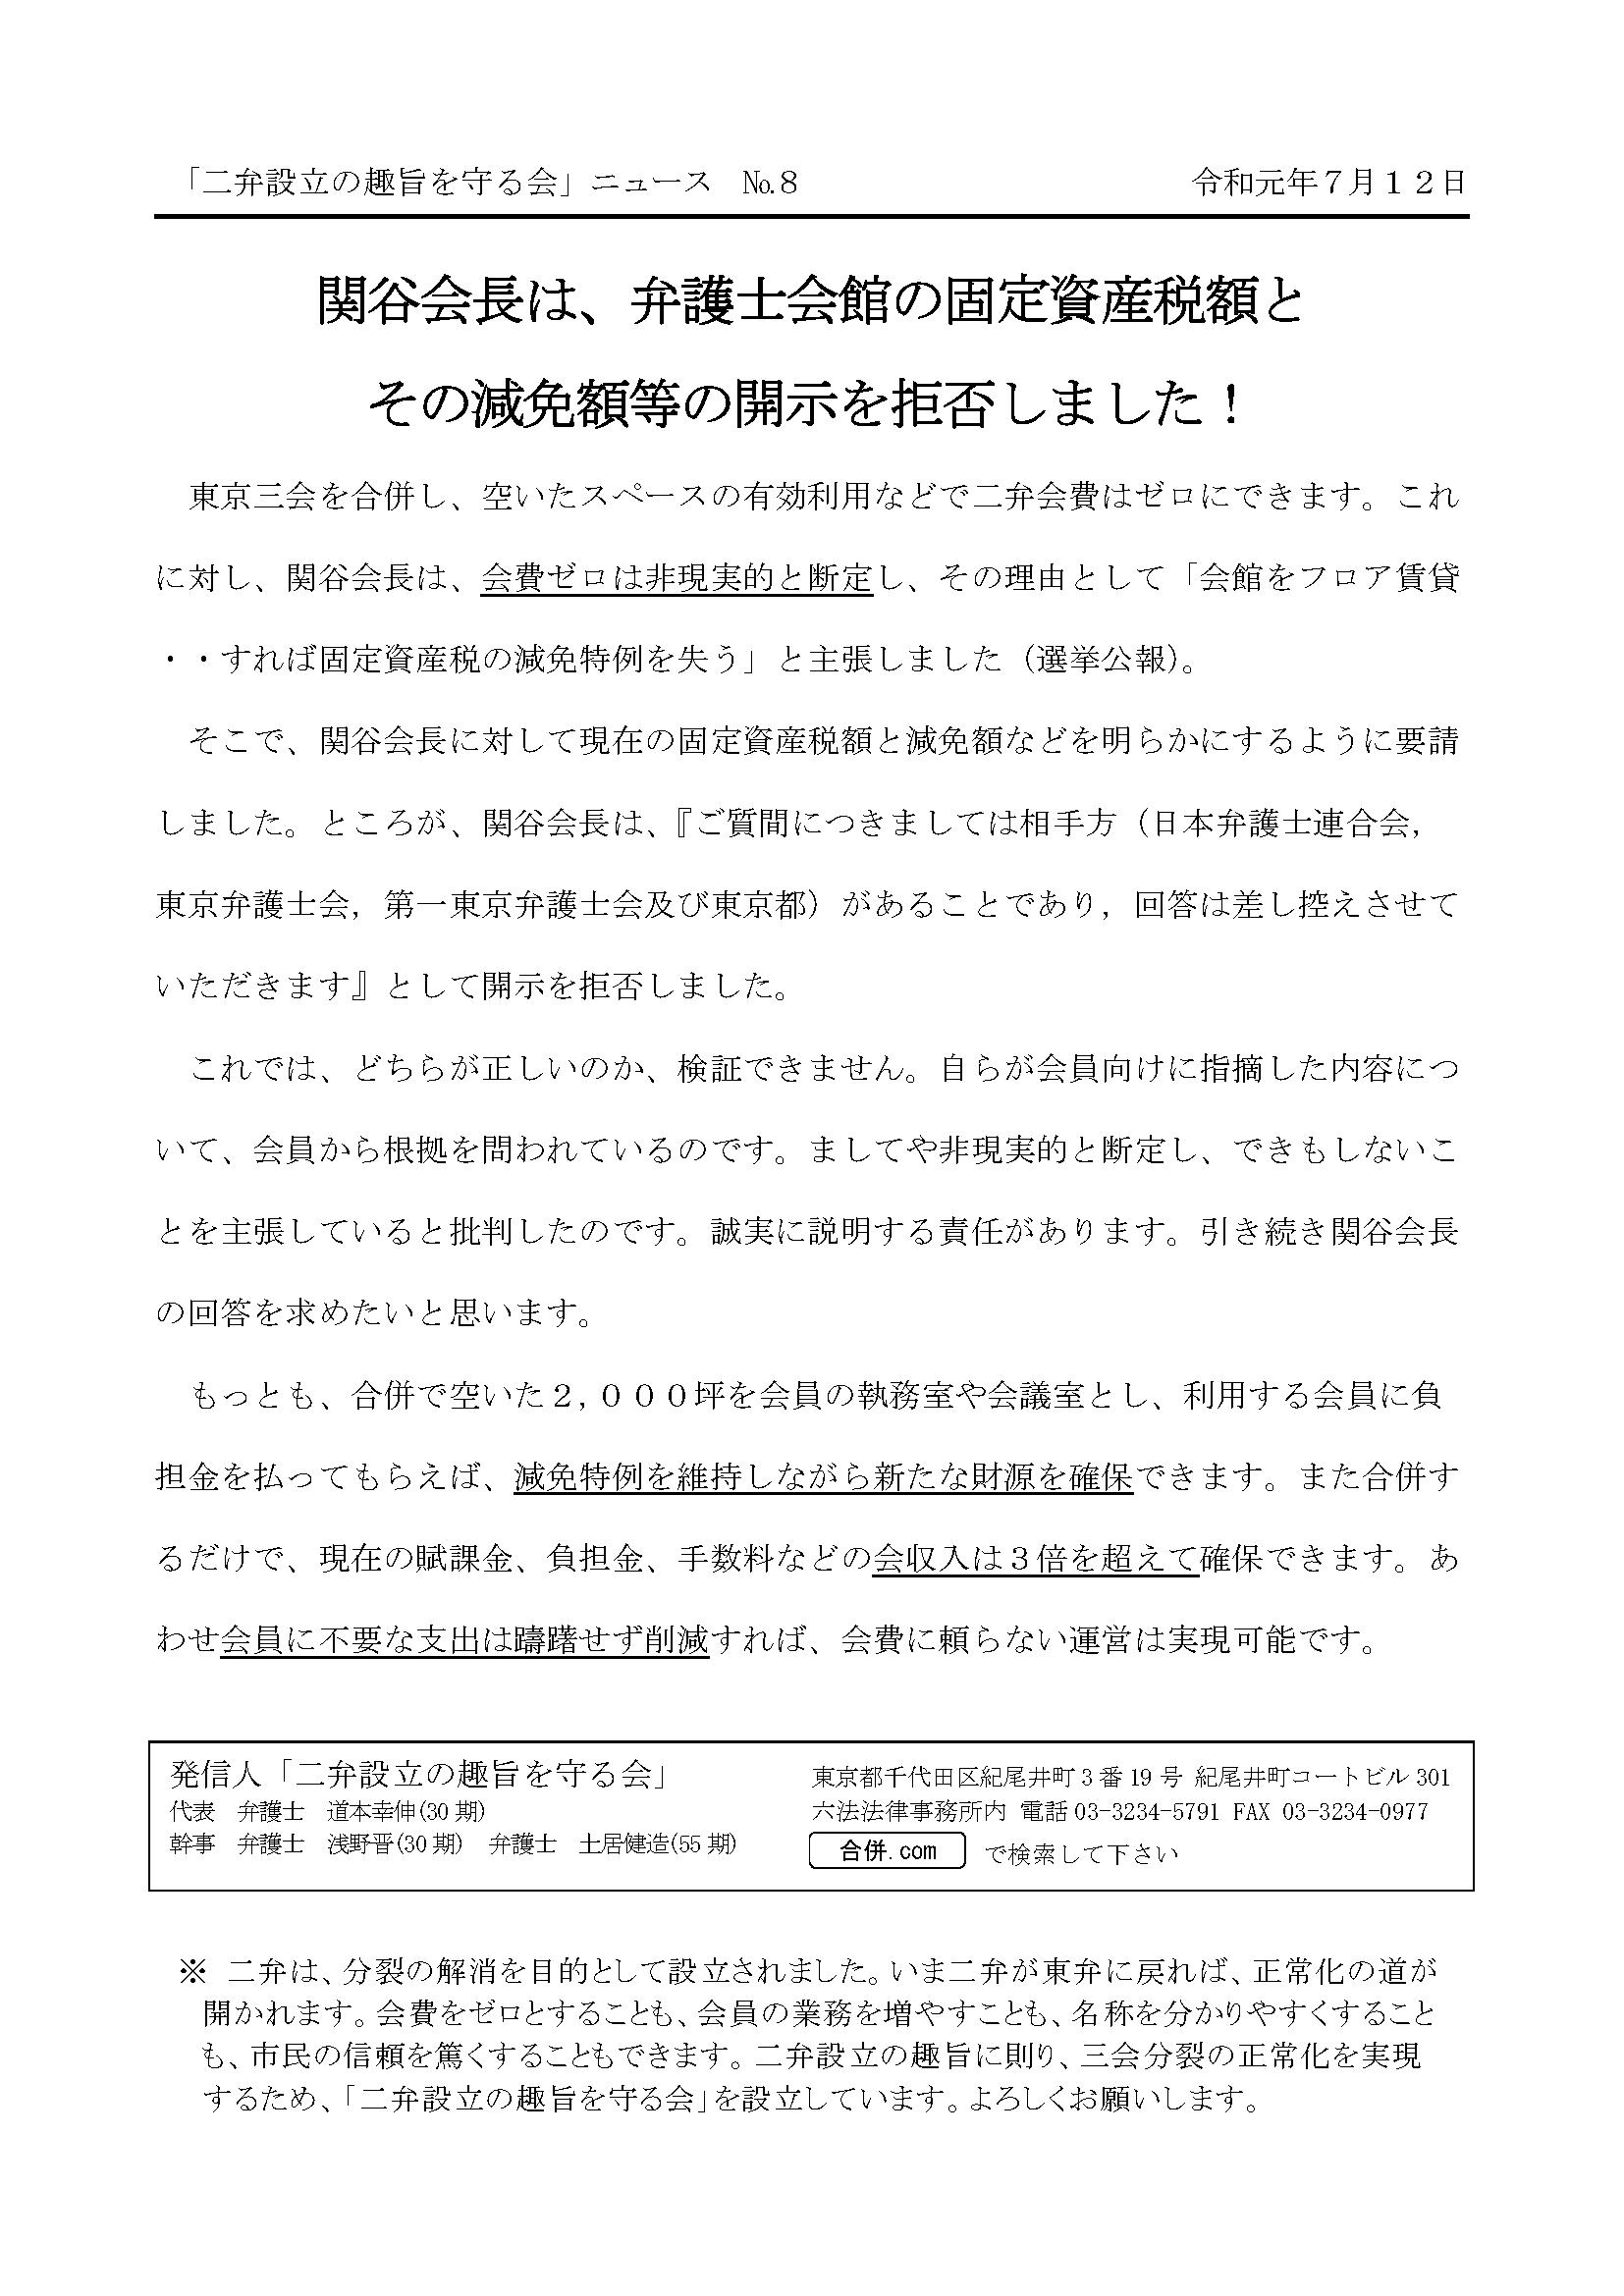 関谷会長は、弁護士会館の固定資産税額とその減免額等の開示を拒否しました!